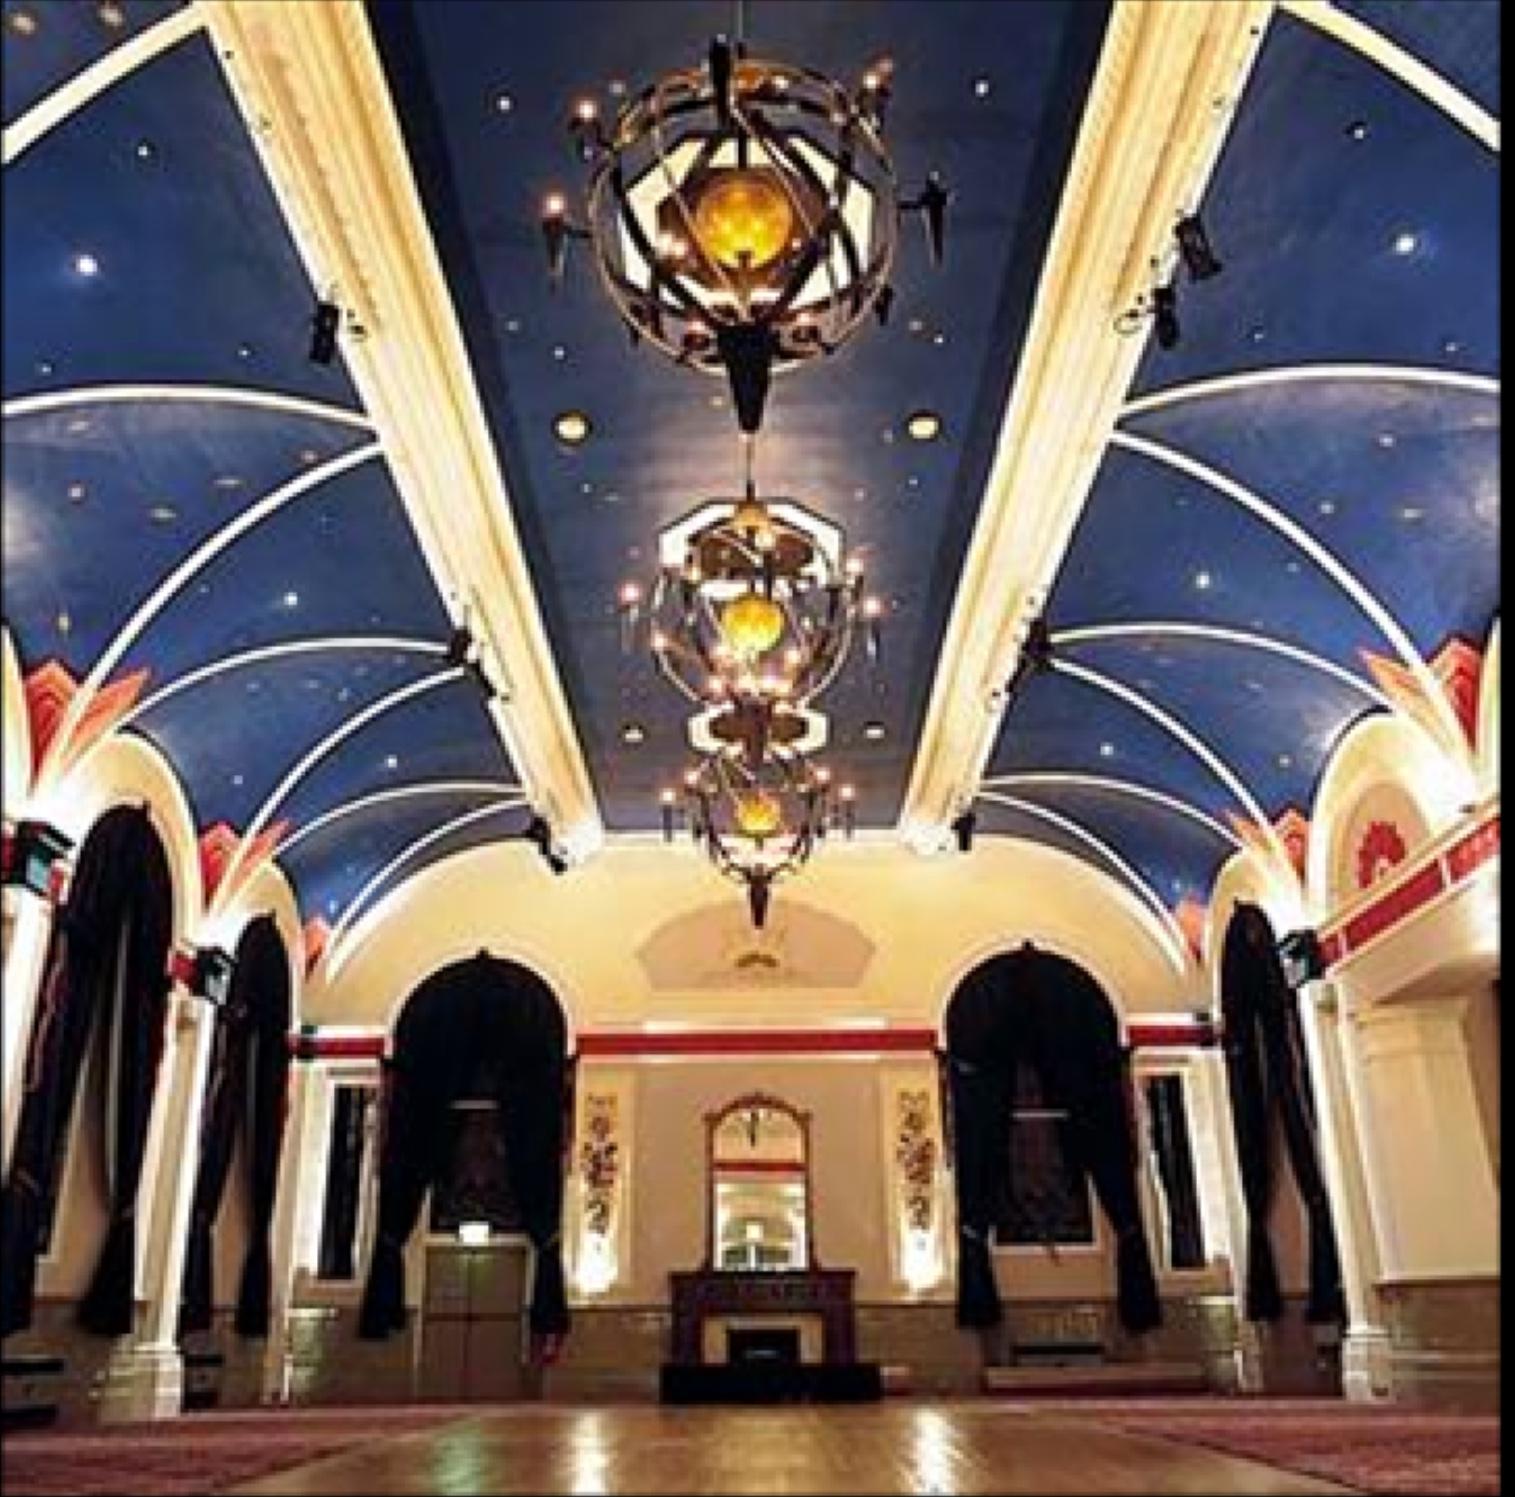 Celebrating 150 years of the Palace Hotel Buxton